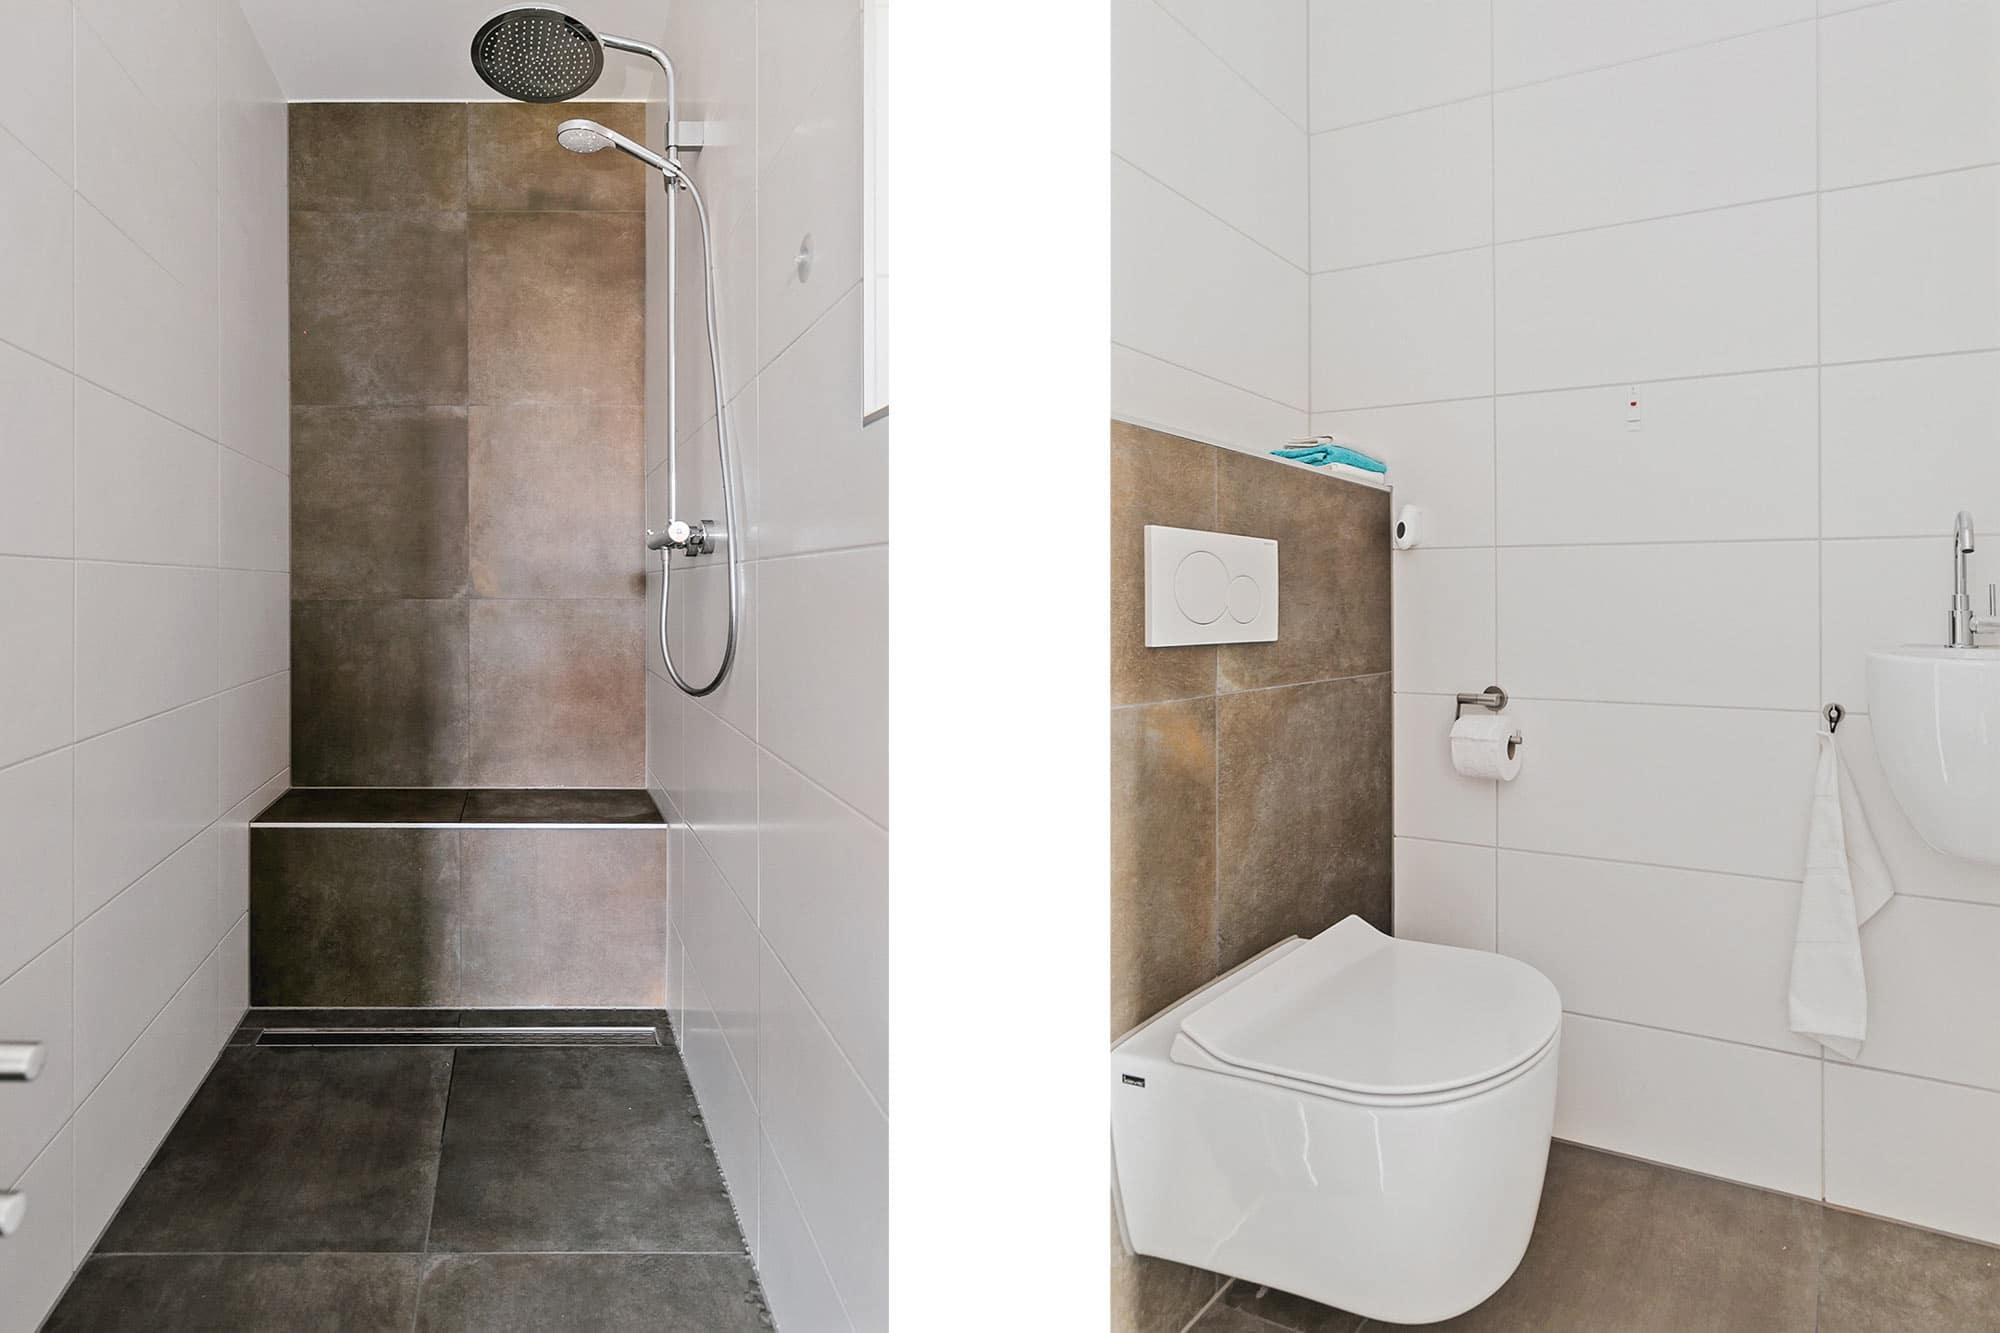 De badkamer in de woning